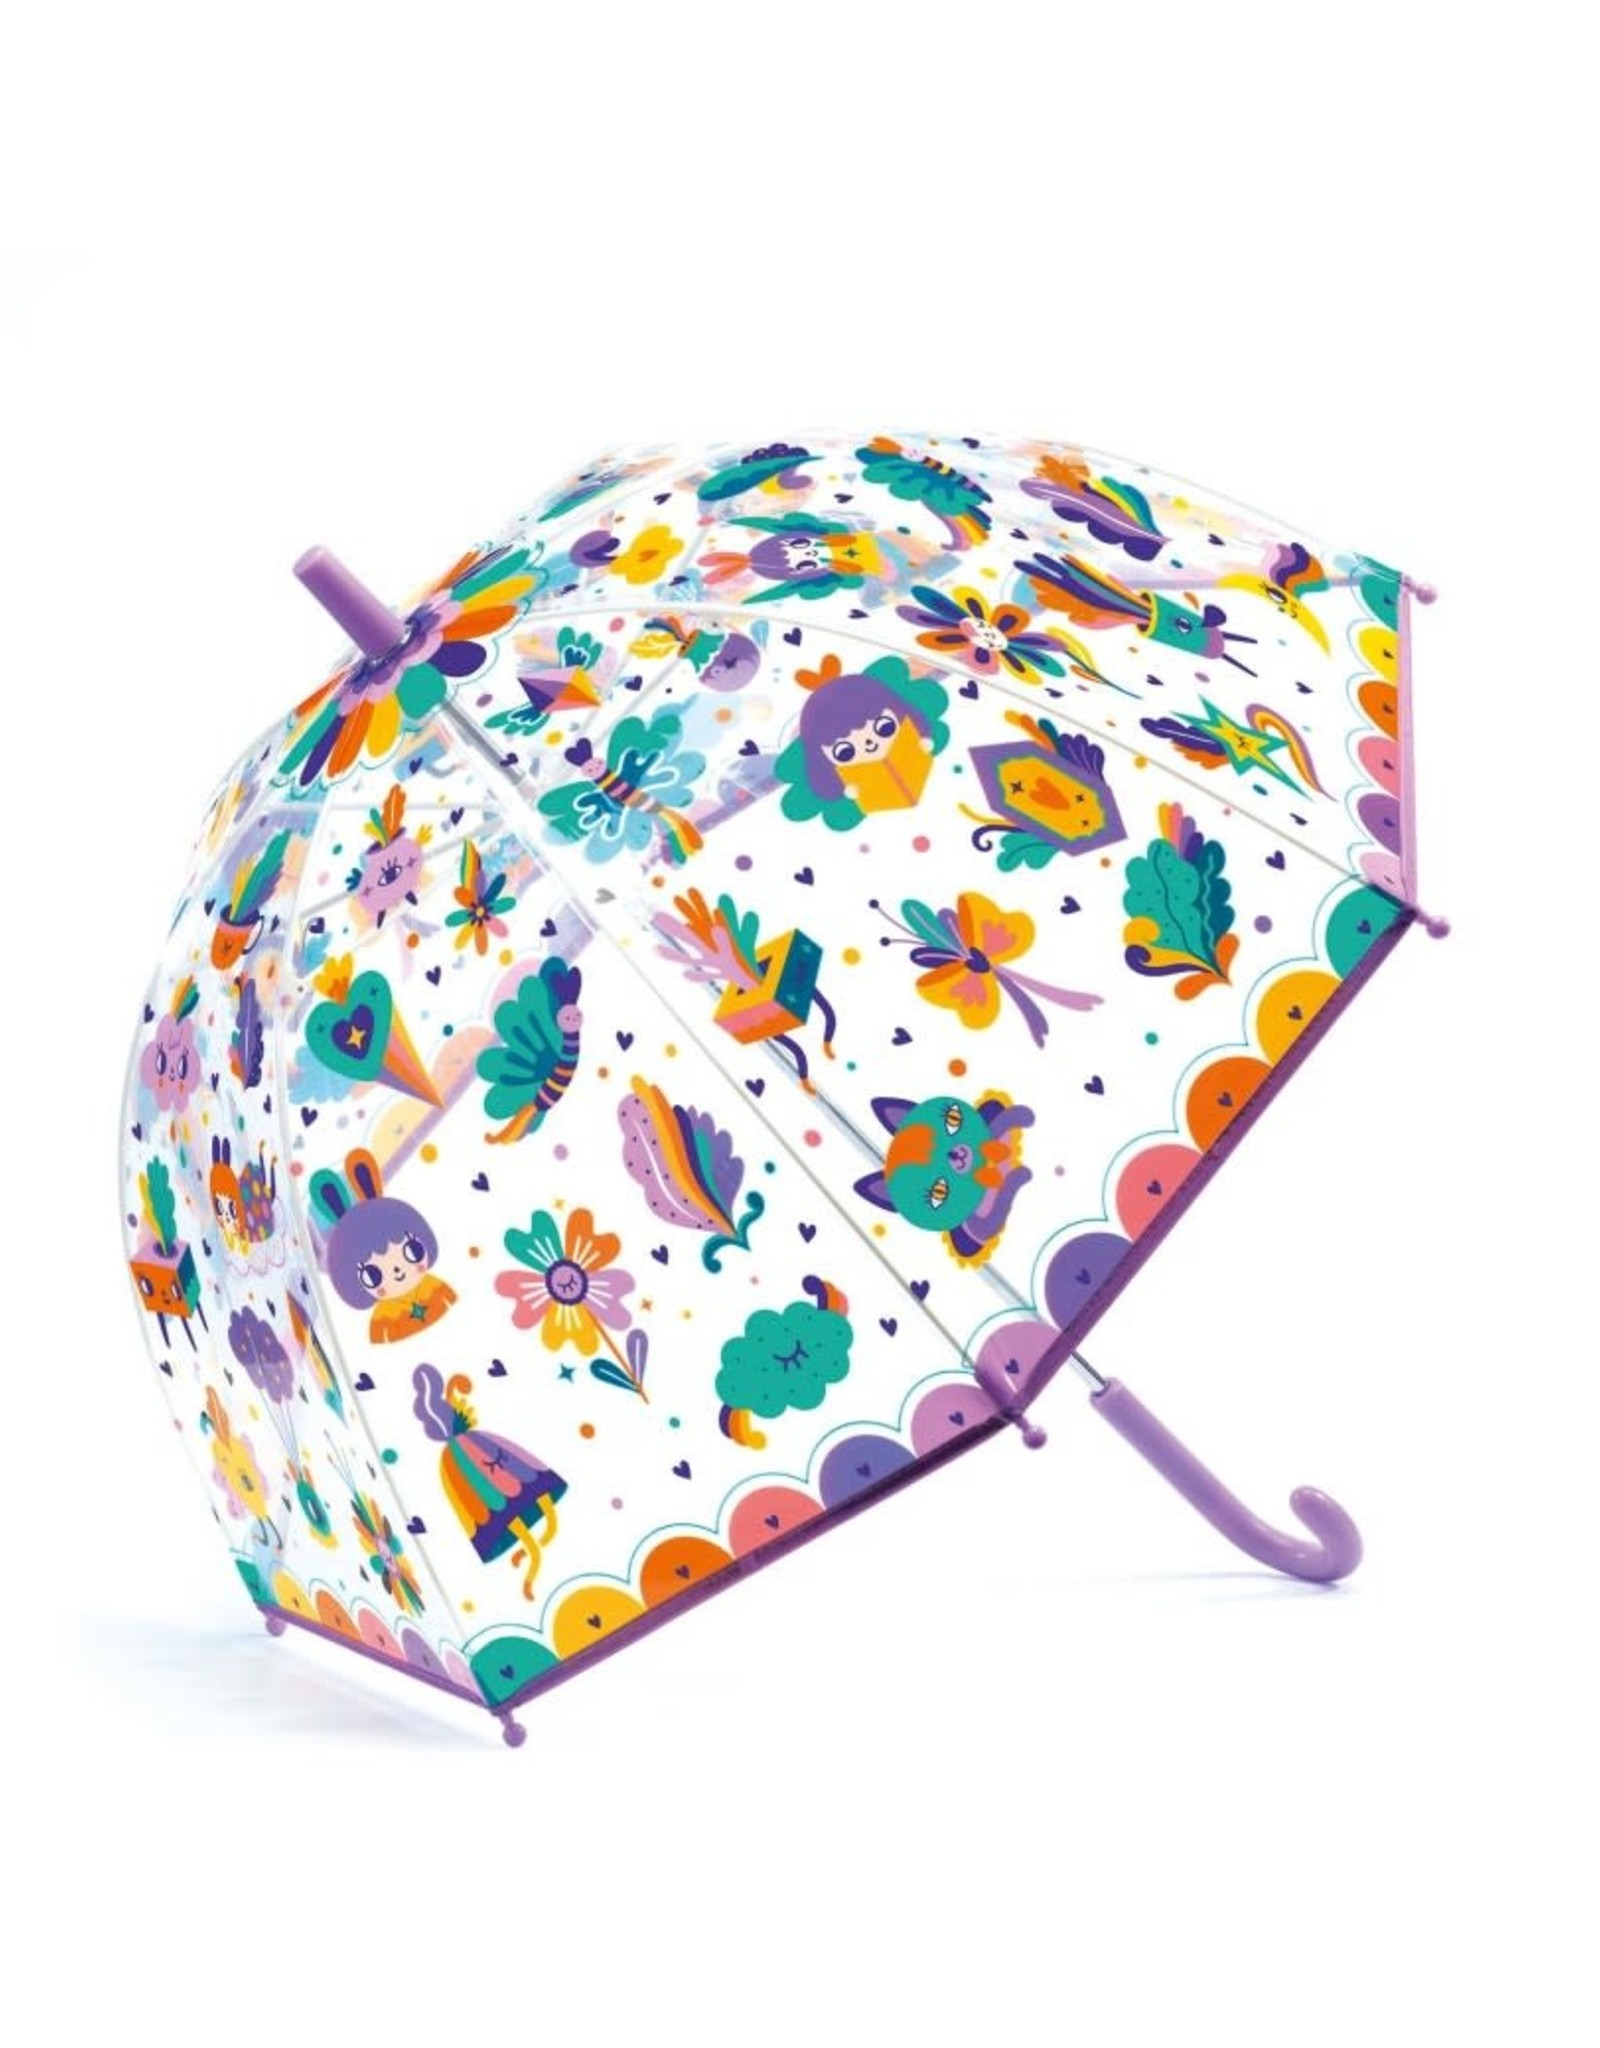 Djeco Djeco Umbrella Lovely Rainbow